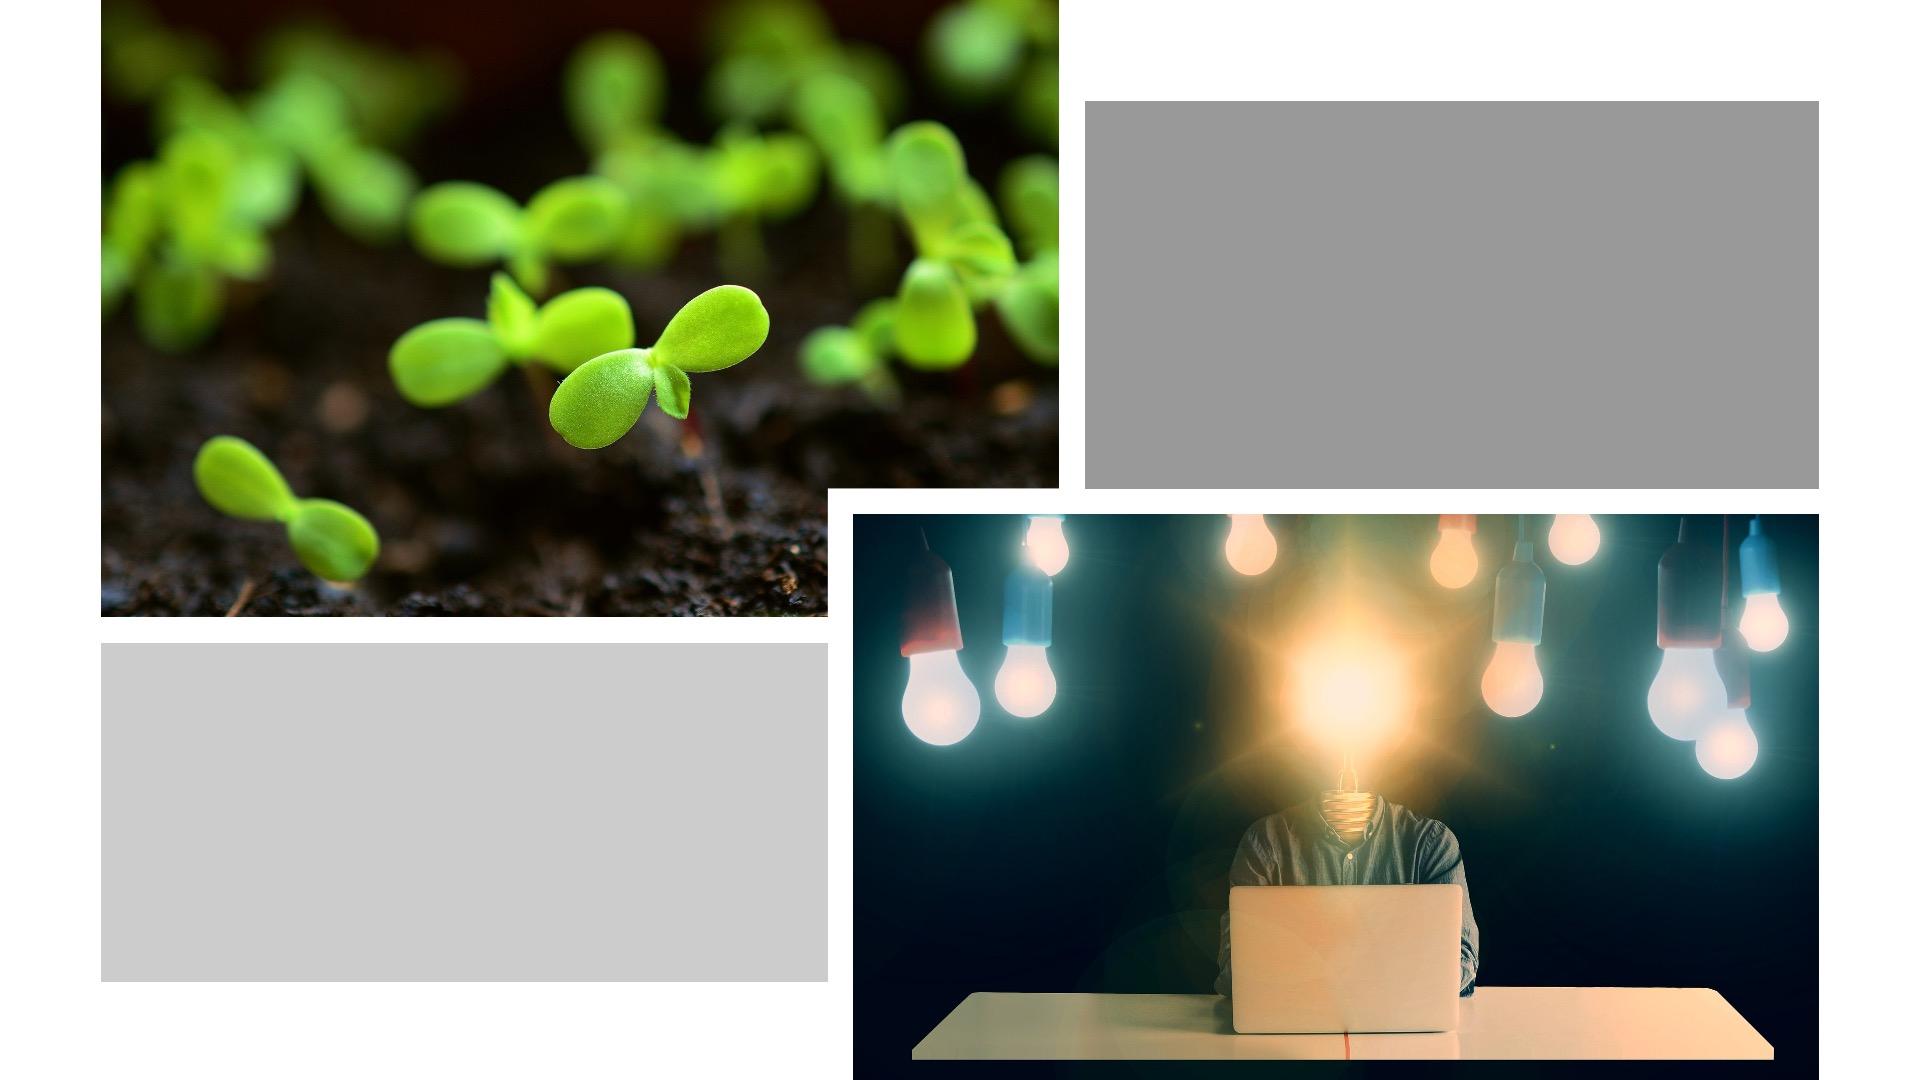 Know-How über Prozessmanagement-Methoden auch für Start-ups und kleinere Unternehmen wie z. B. Kanzleien oder Handwerksbetriebe nützlich.